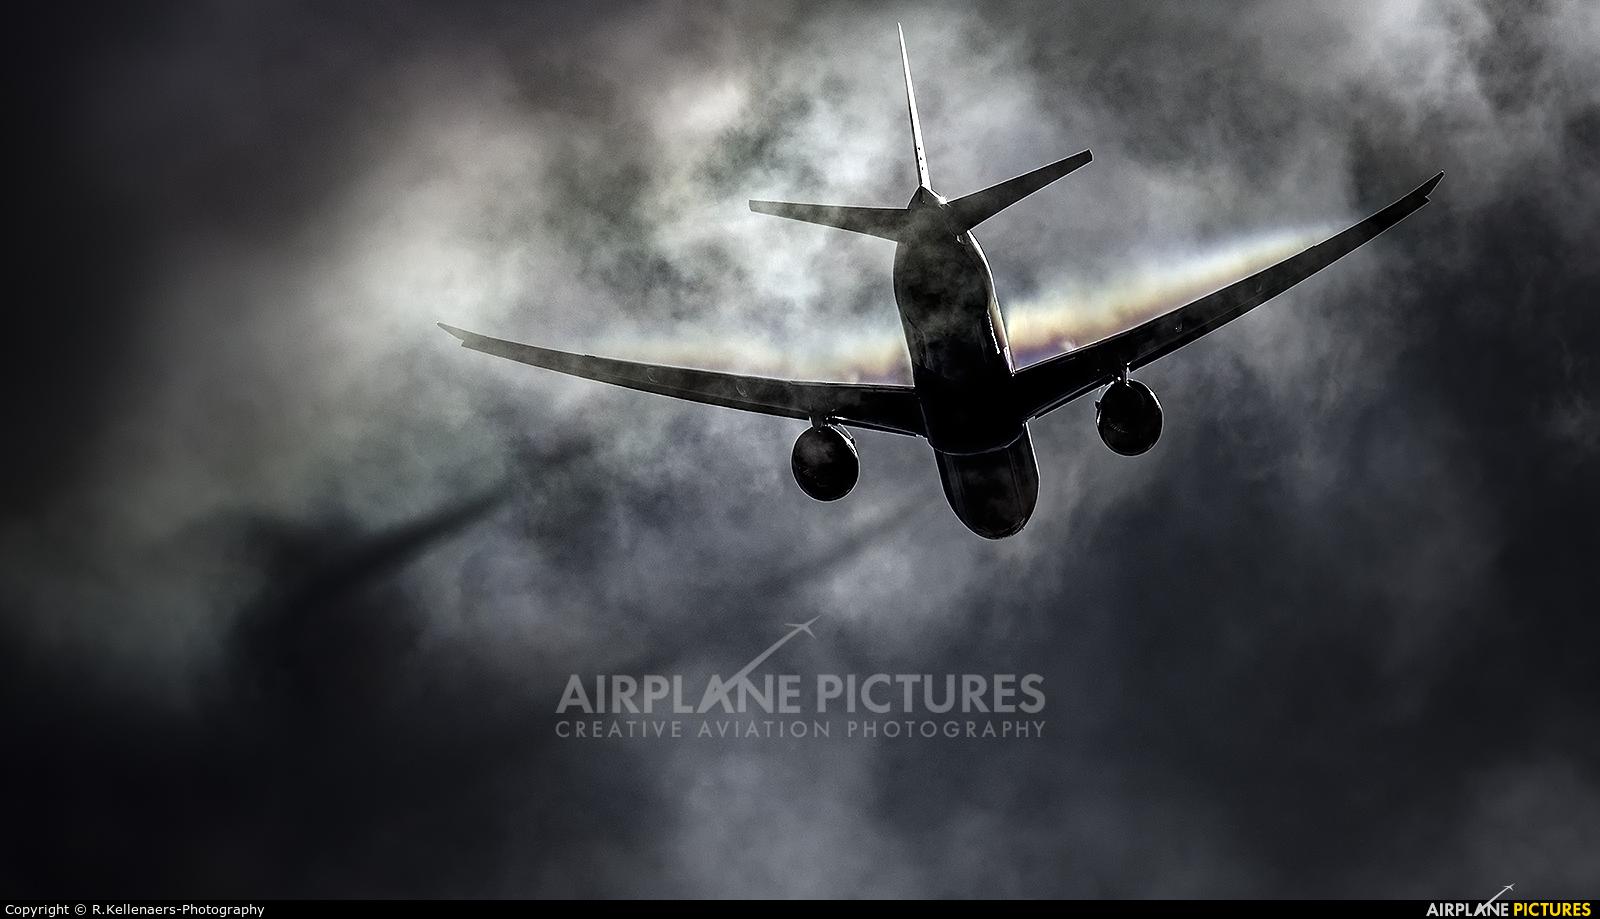 - aircraft at London - Heathrow